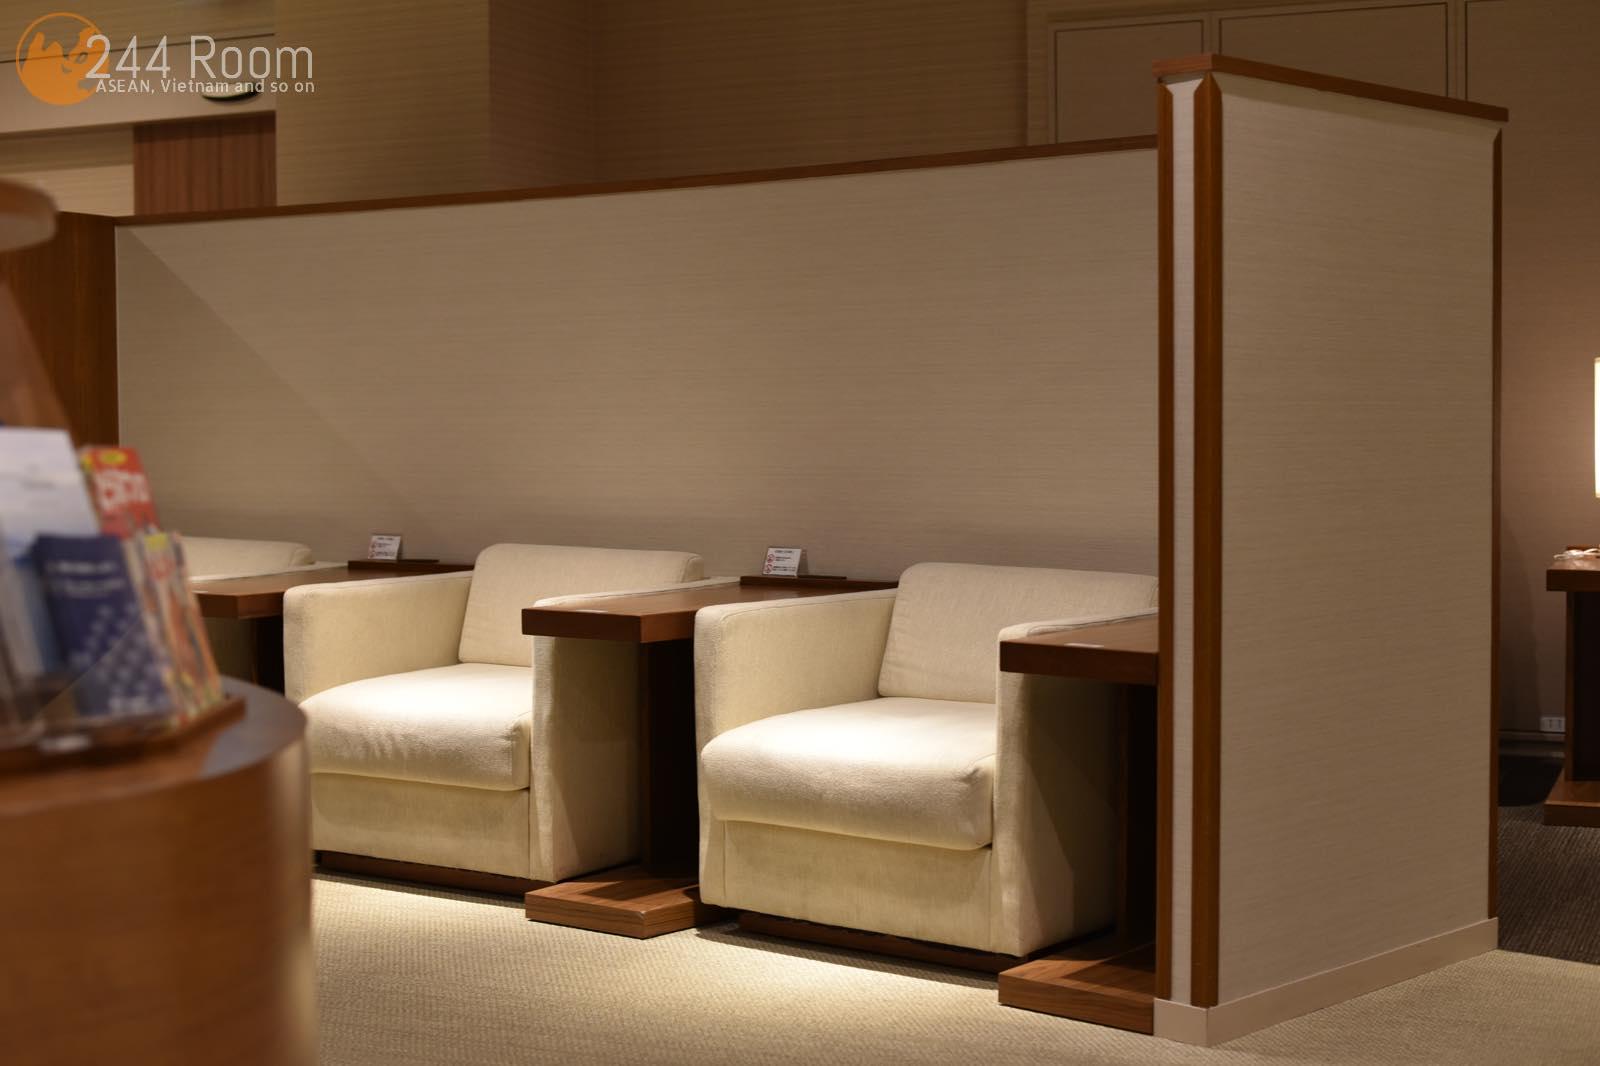 ビジネスラウンジもみじ Business lounge momiji2